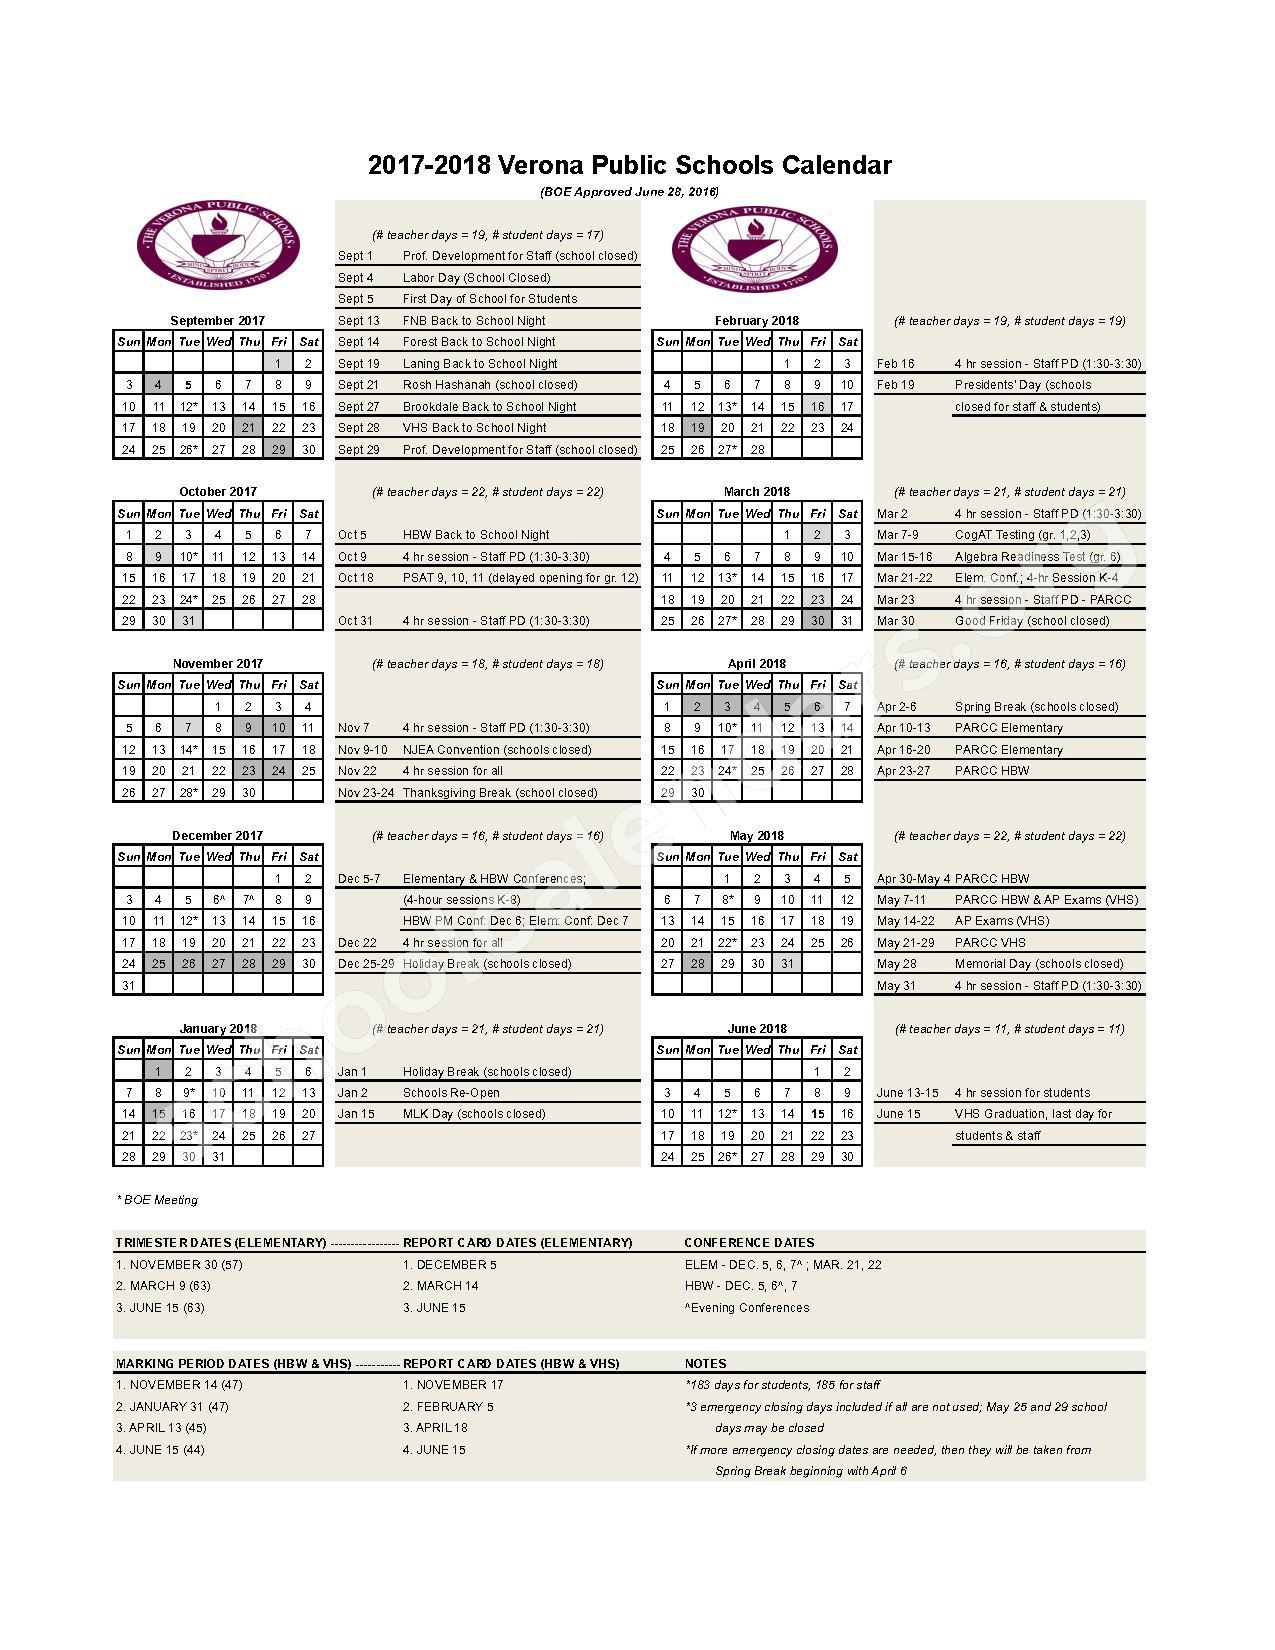 2017 - 2018 School Calendar – Verona Public Schools – page 1